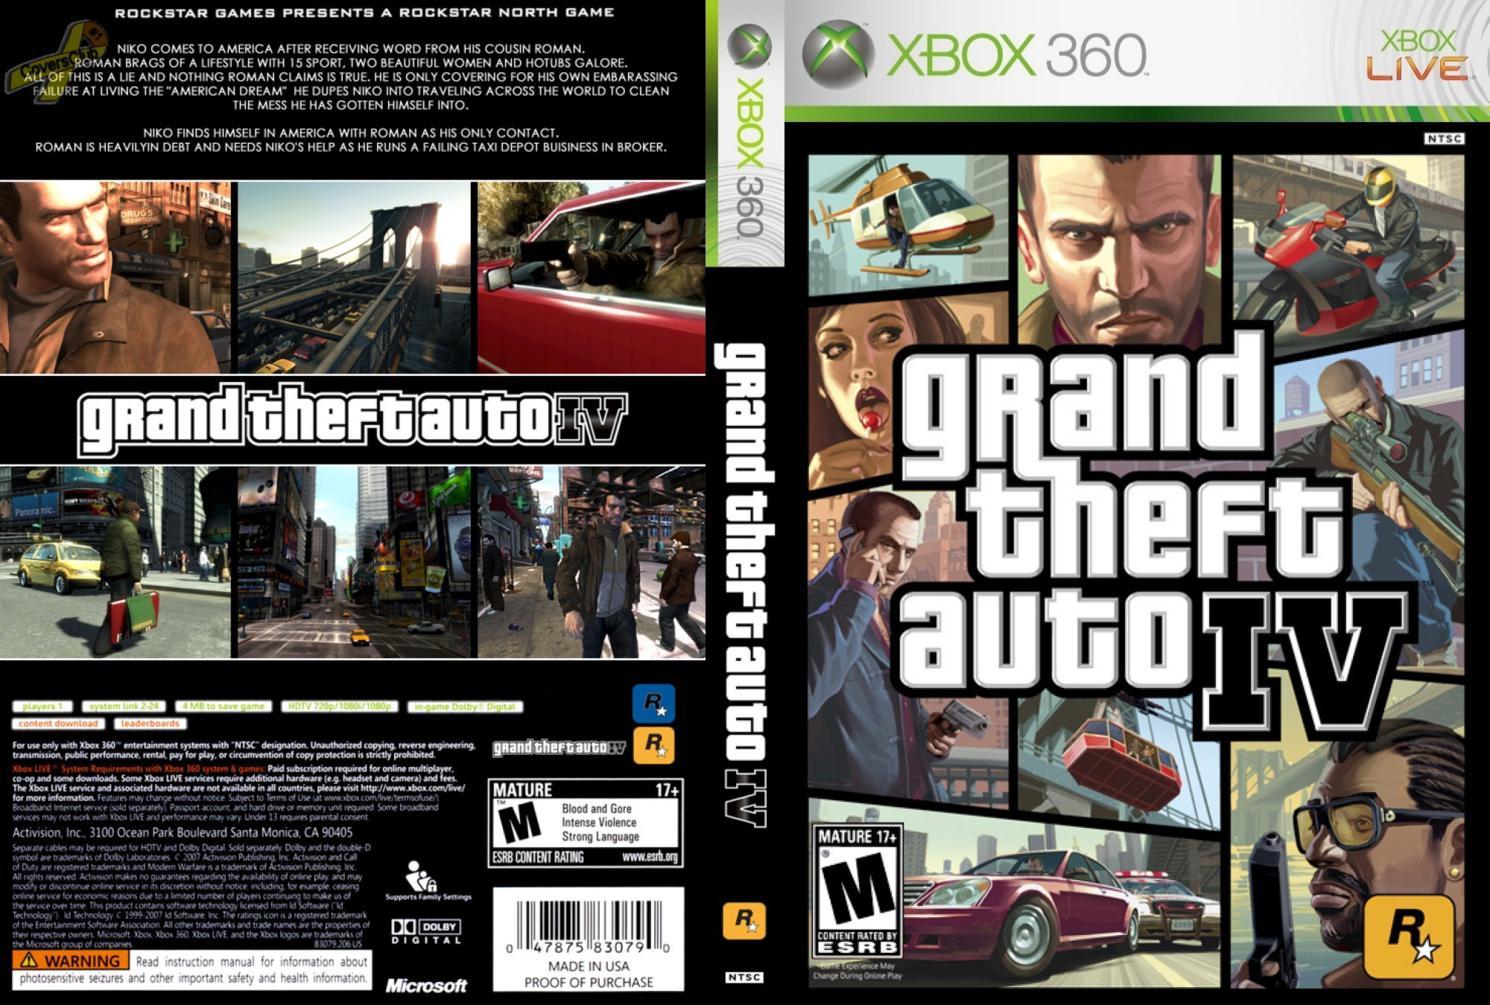 Xbox 360 cheats gta 4 xbox 360 cheats